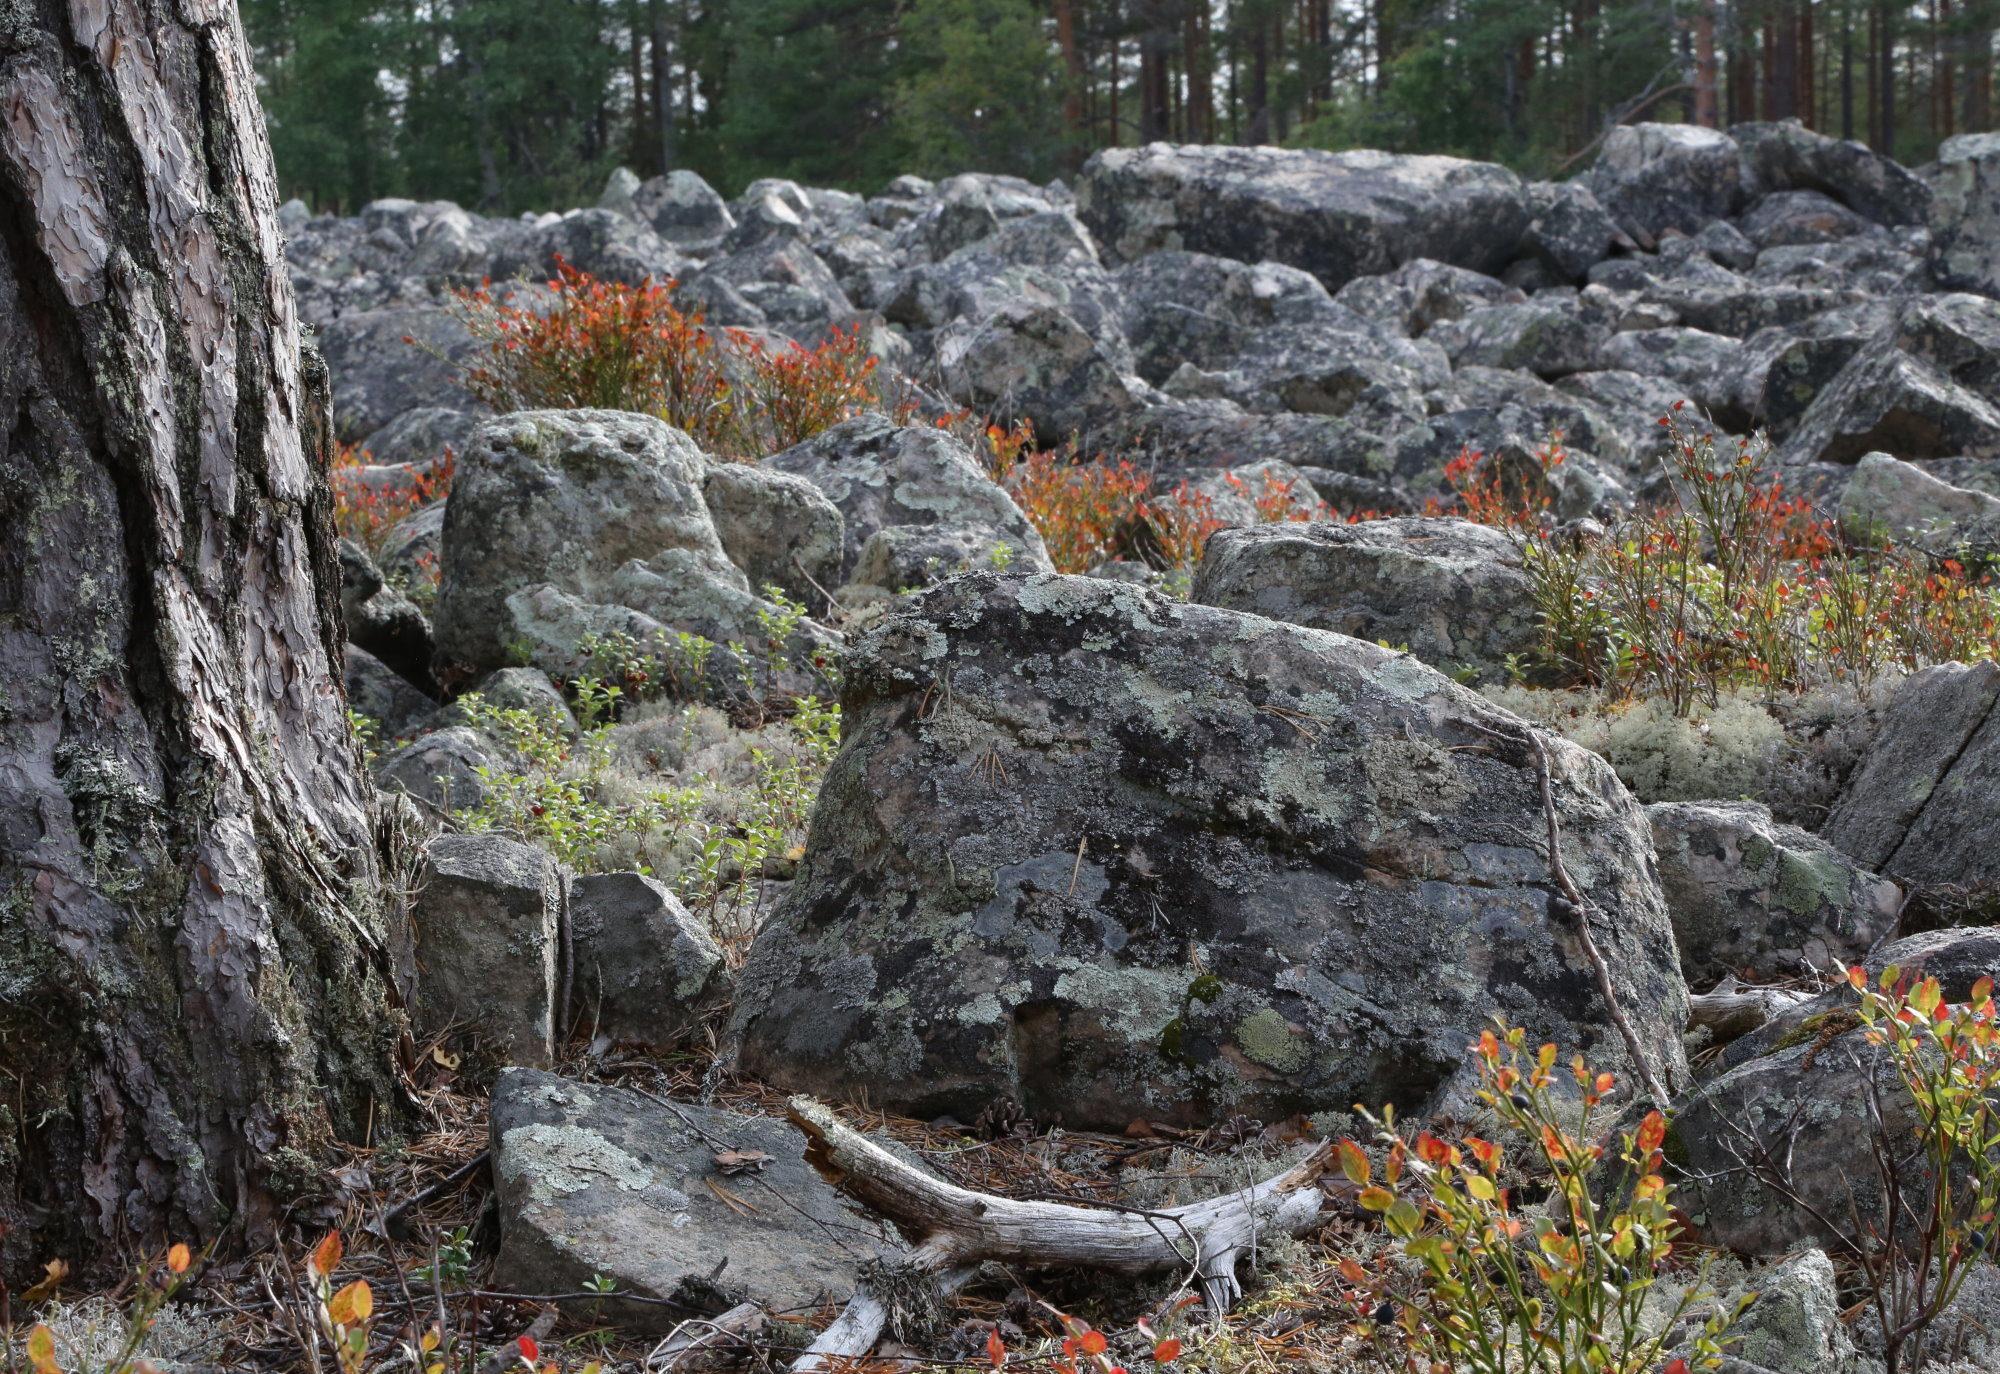 Lauhanvuoren kansallispuiston Kivijata - Lauhanvuoren kansallispuisto on Lauhanvuori-Hämeenkangas Geoparkin ytimessä.